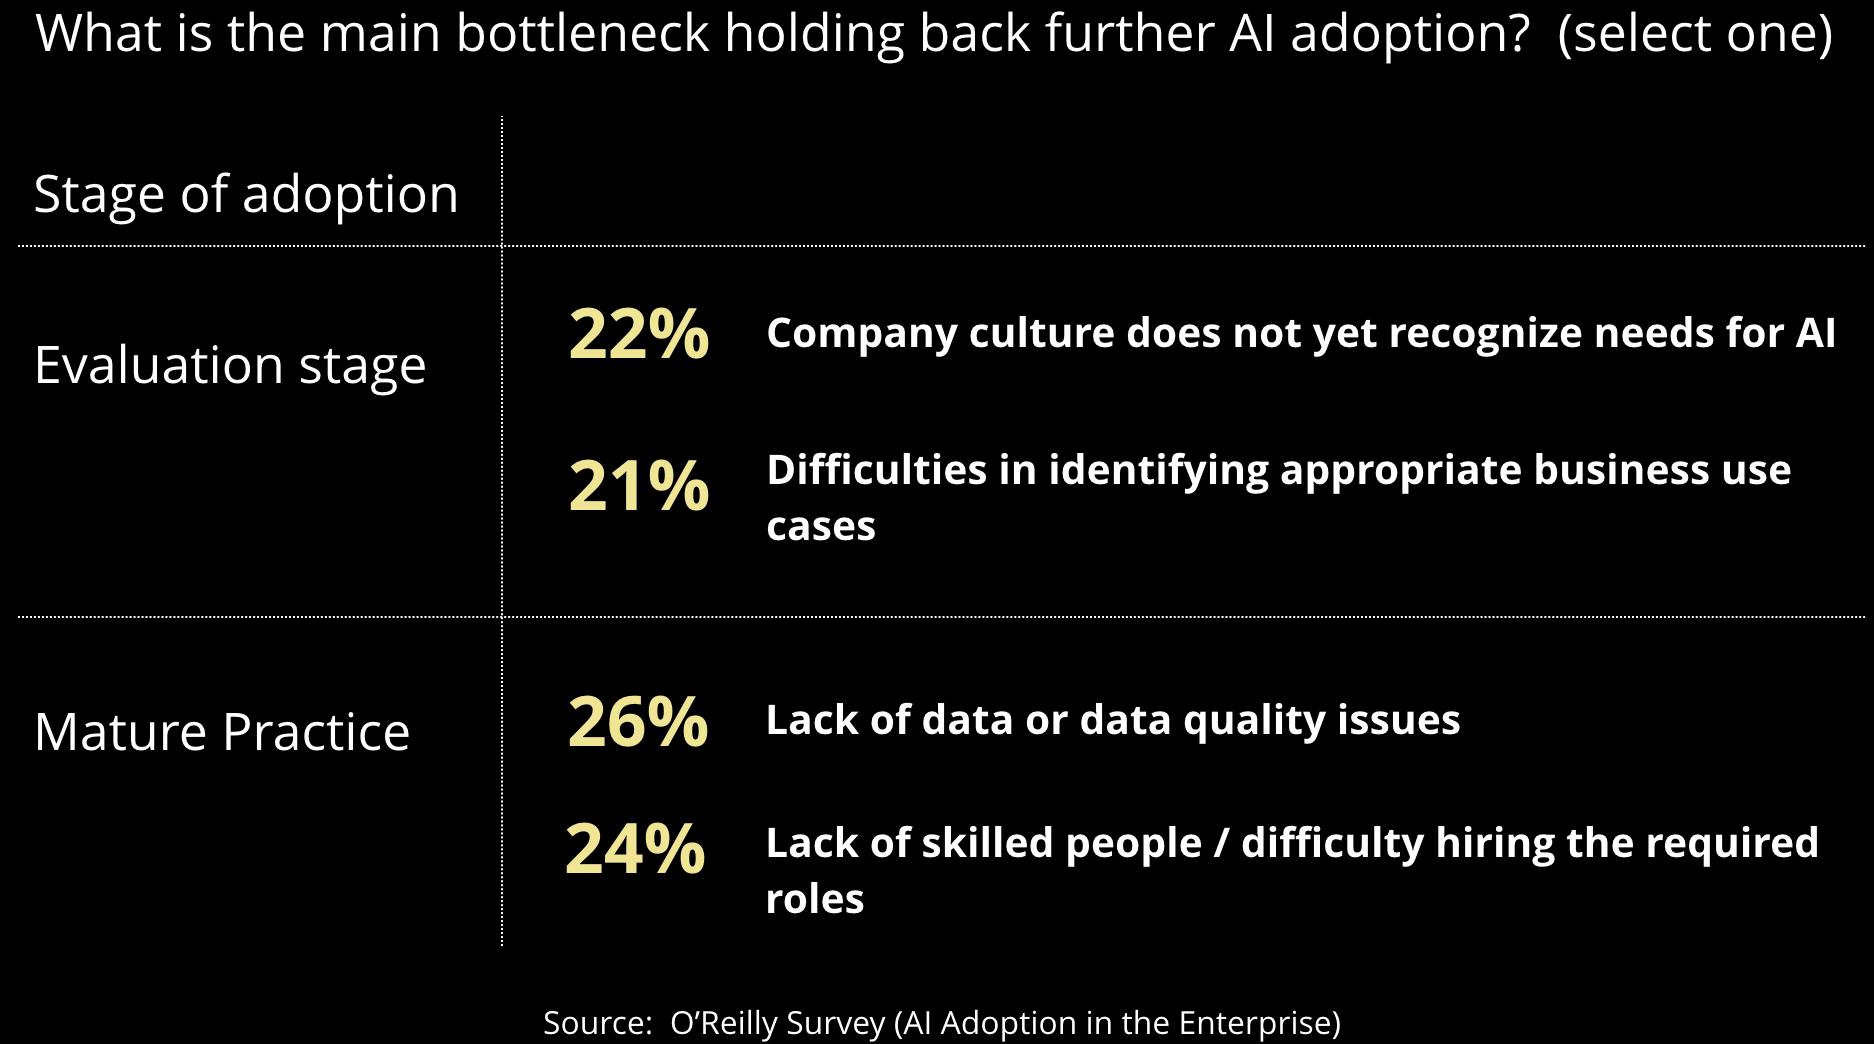 bottlenecks holding back adoption of AI